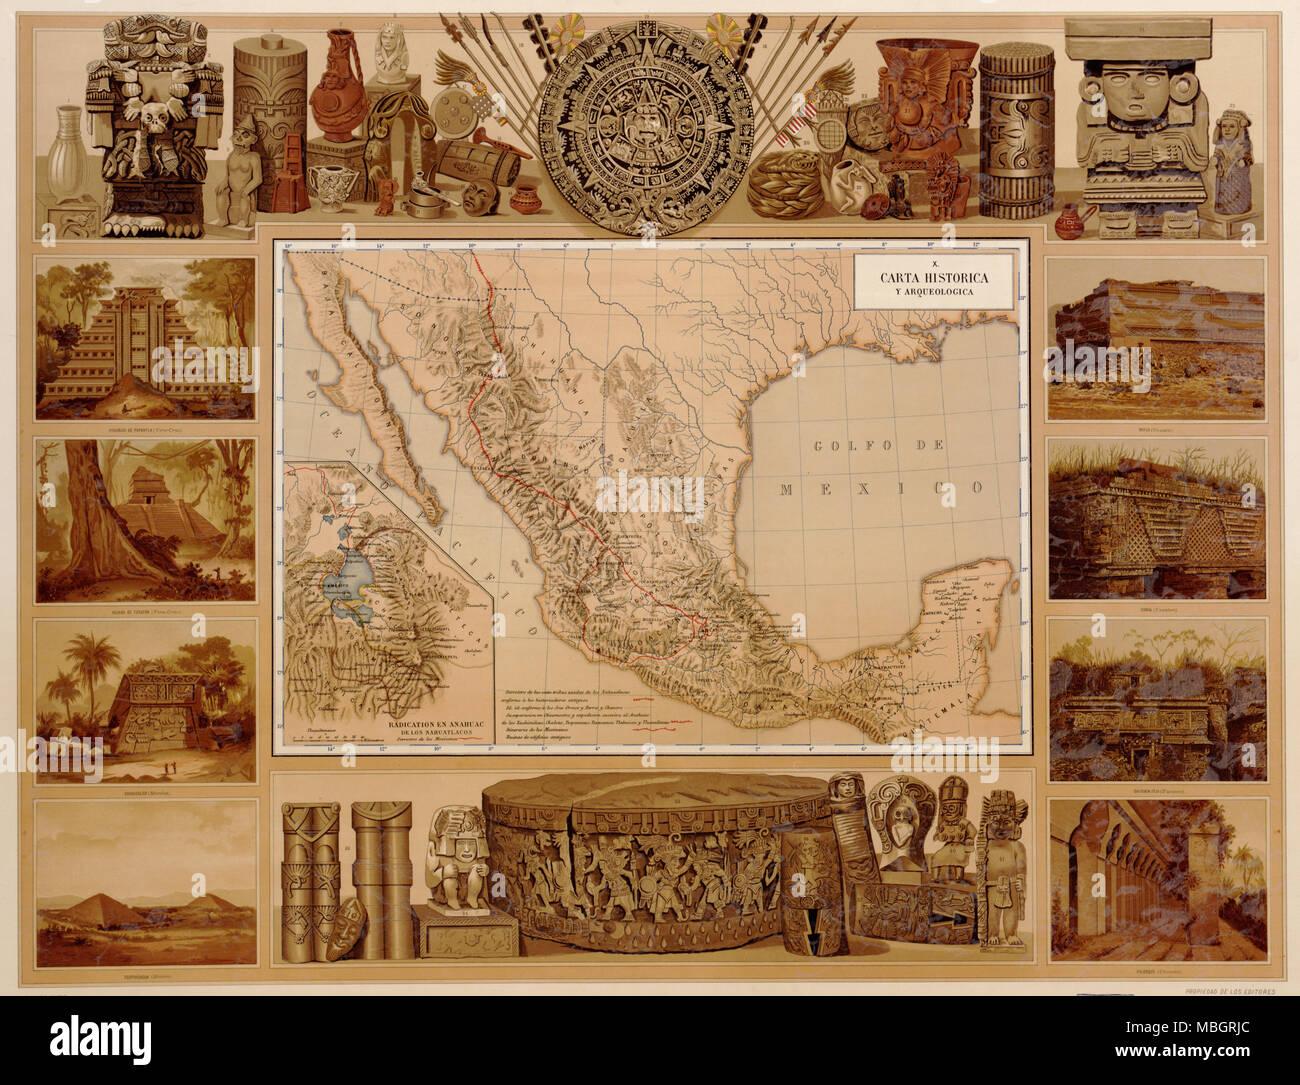 Objets historiques du Mexique indien du passé - 1885 Photo Stock